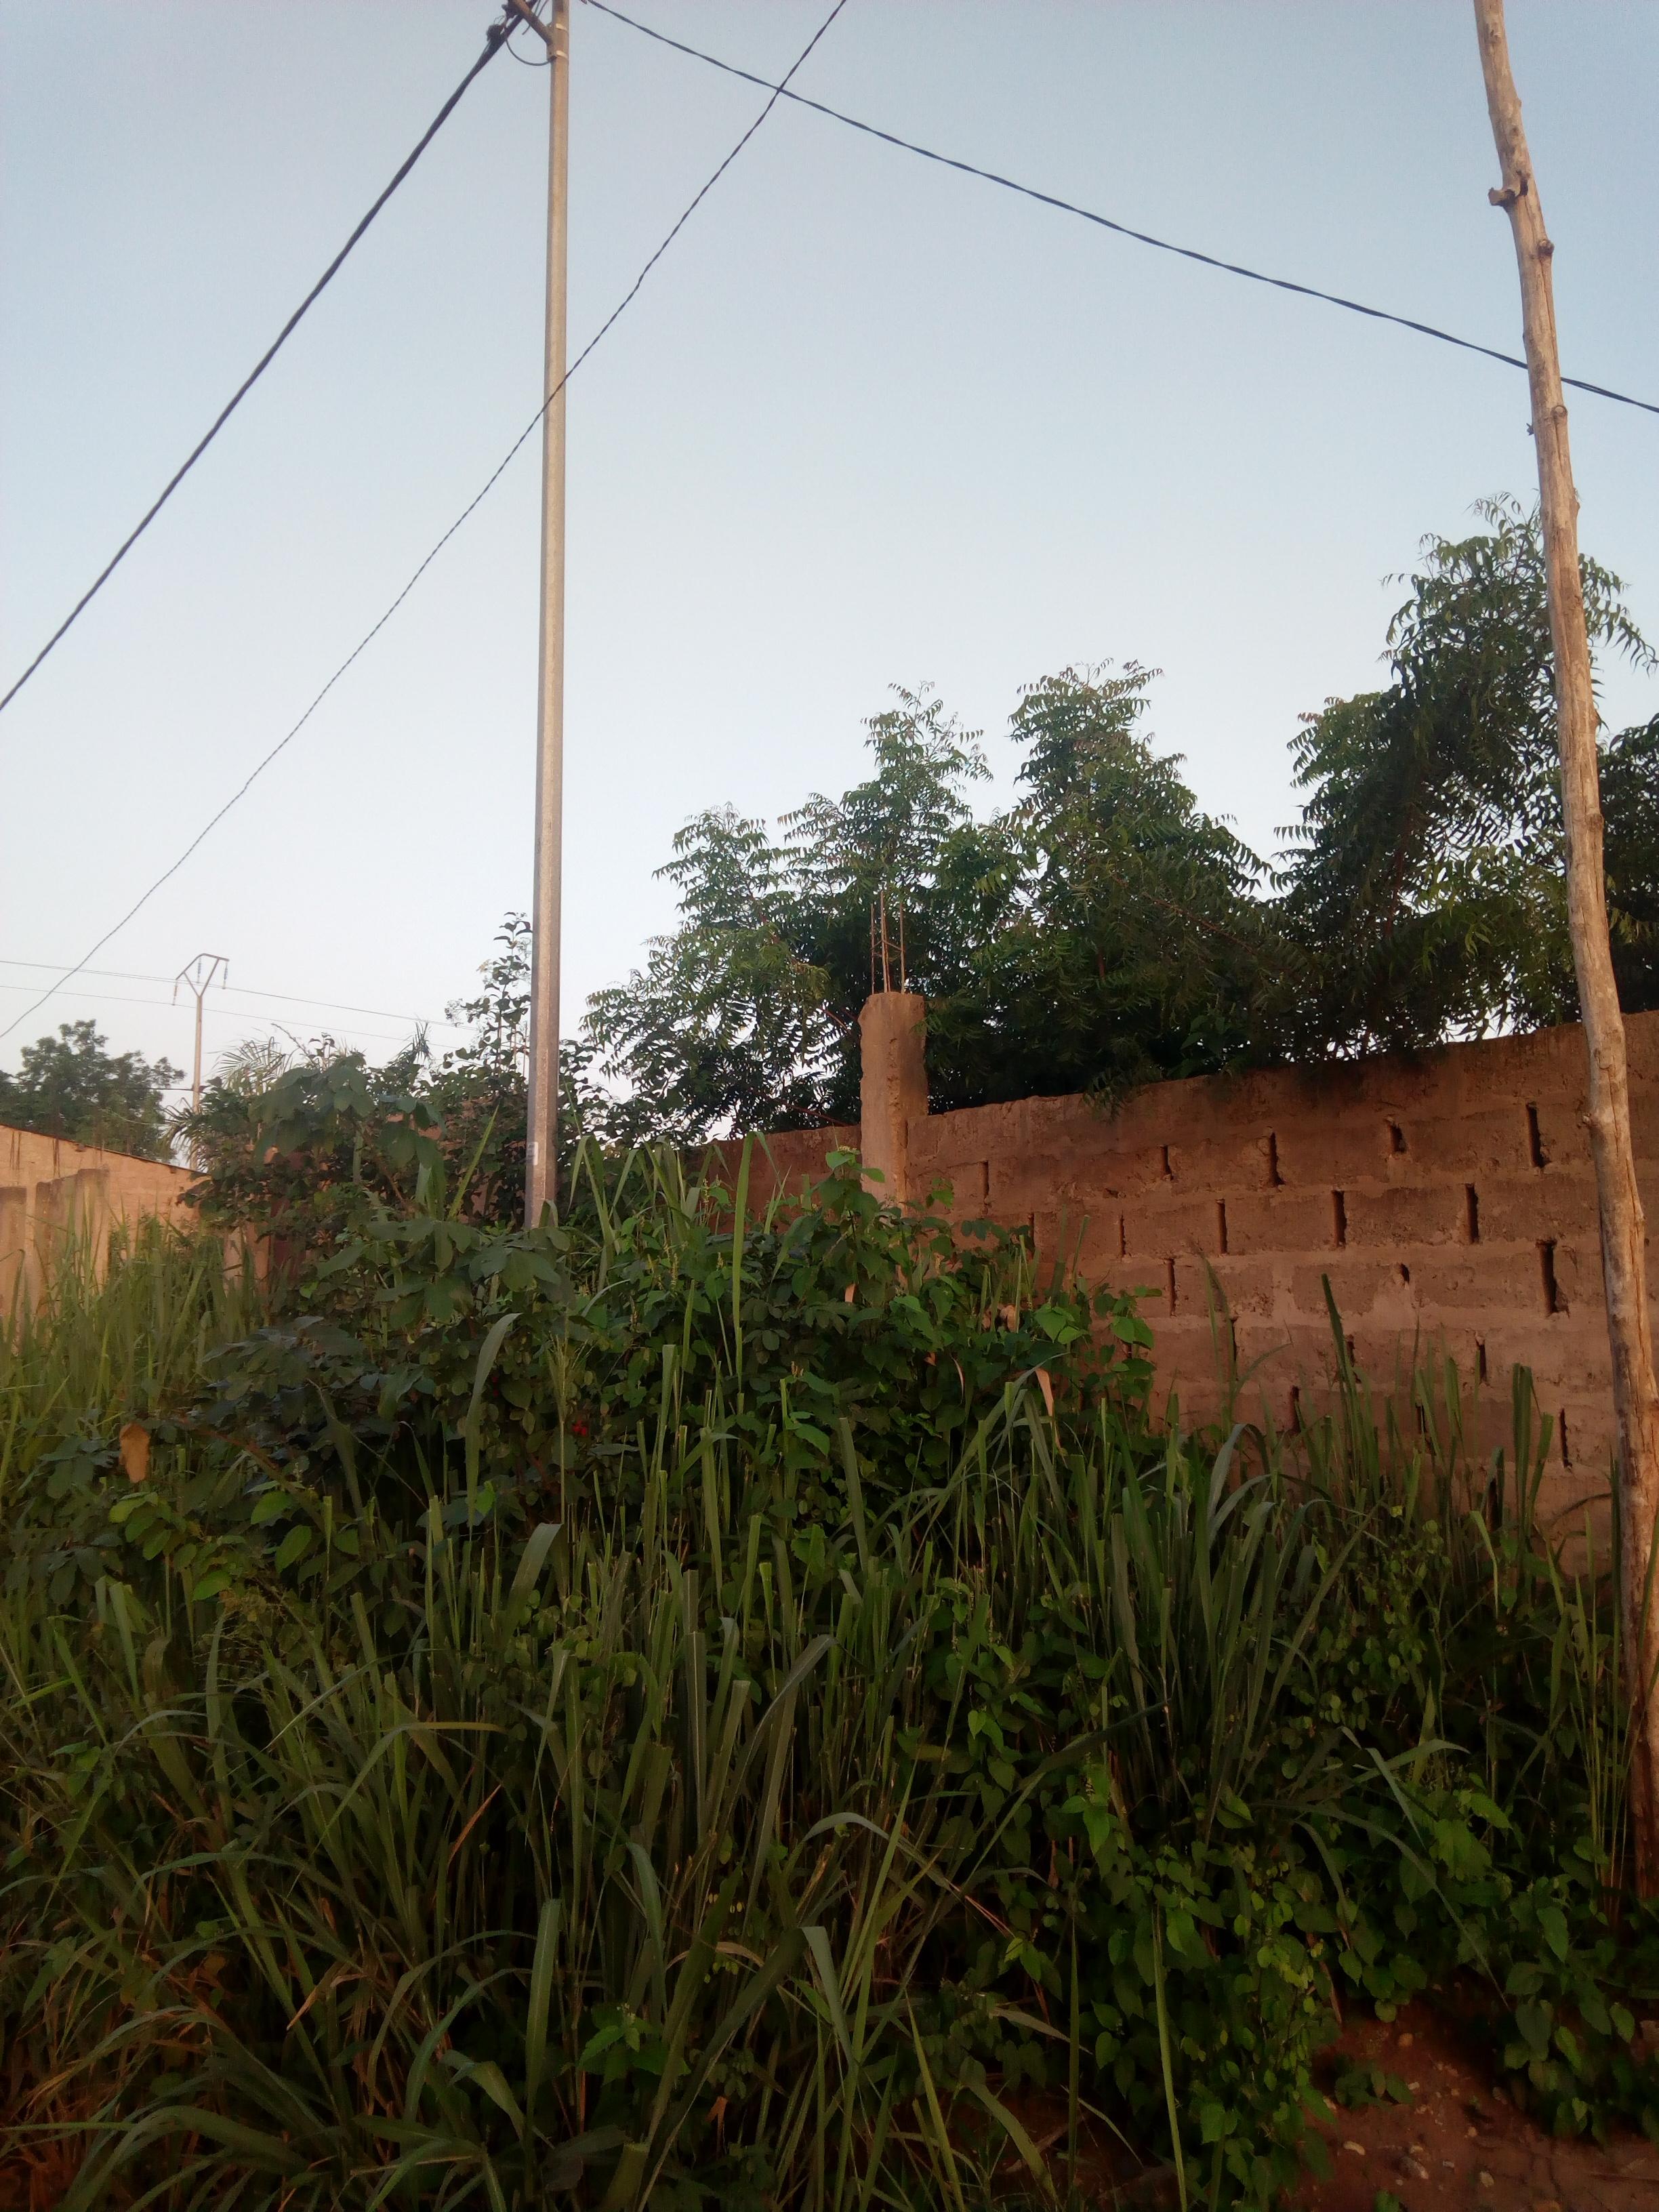 Terrain à vendre , zanguera                         (Non loin de l'église catholique Klémé)                     , Lome : 8 000  000 FCFA